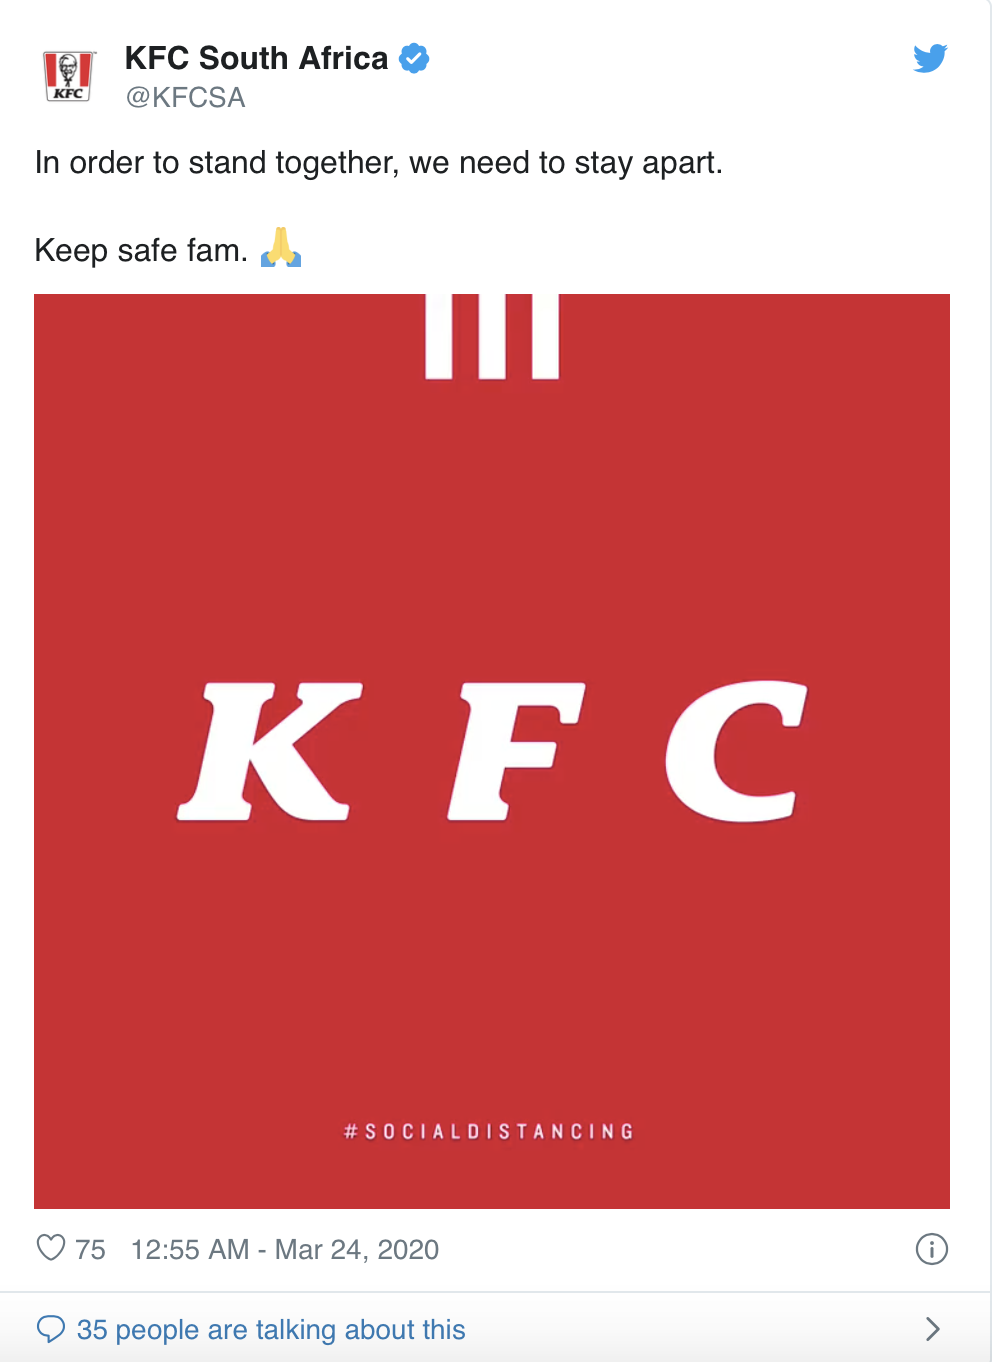 KFC三個字母各自站遠。